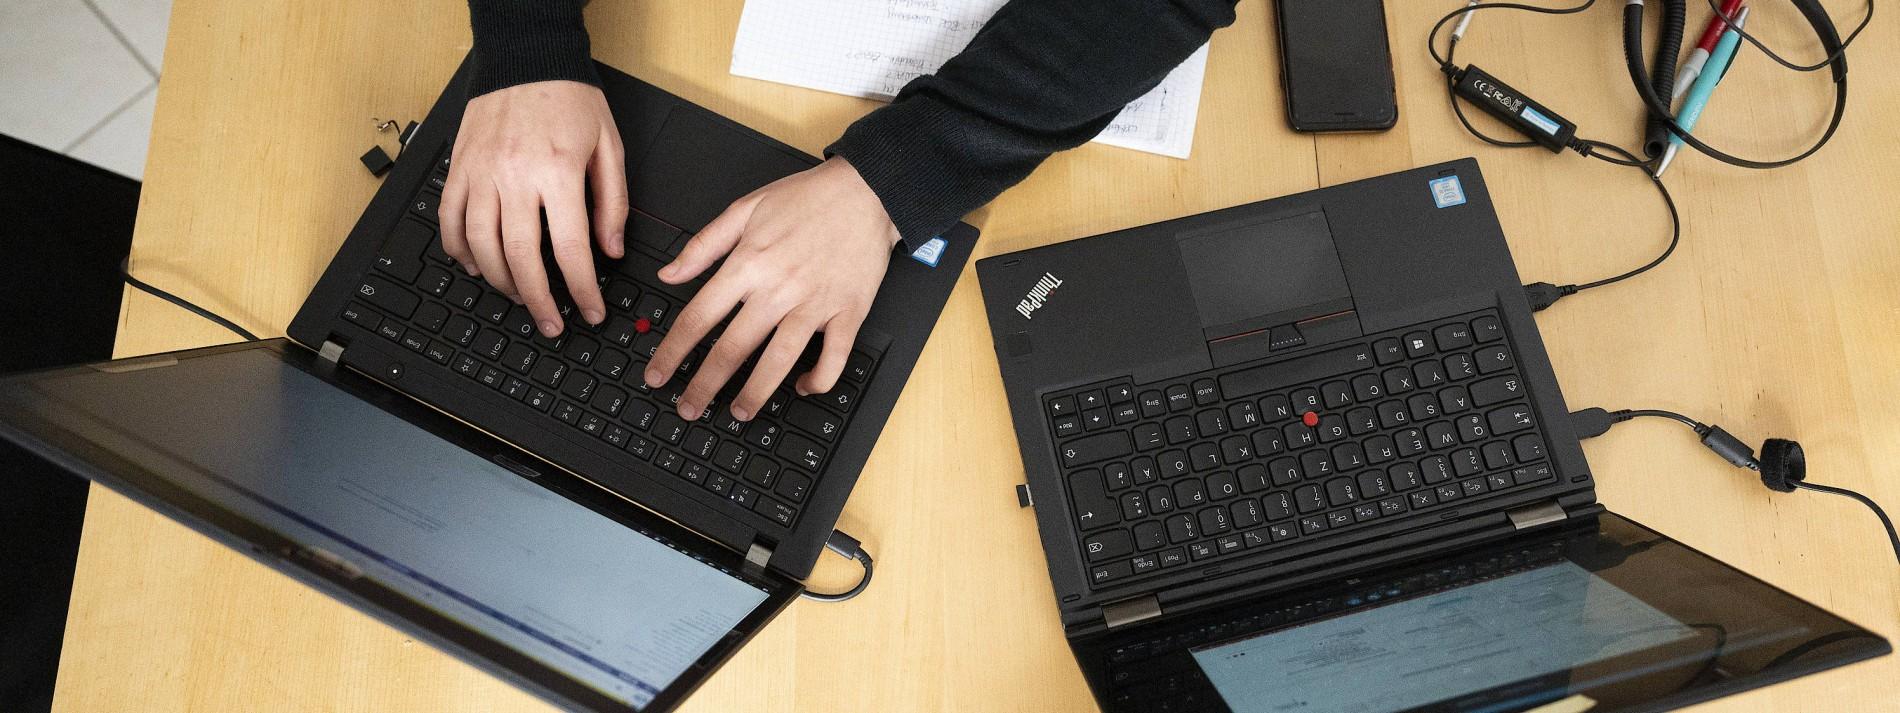 PC-Geschäft mit zweistelligem Minus